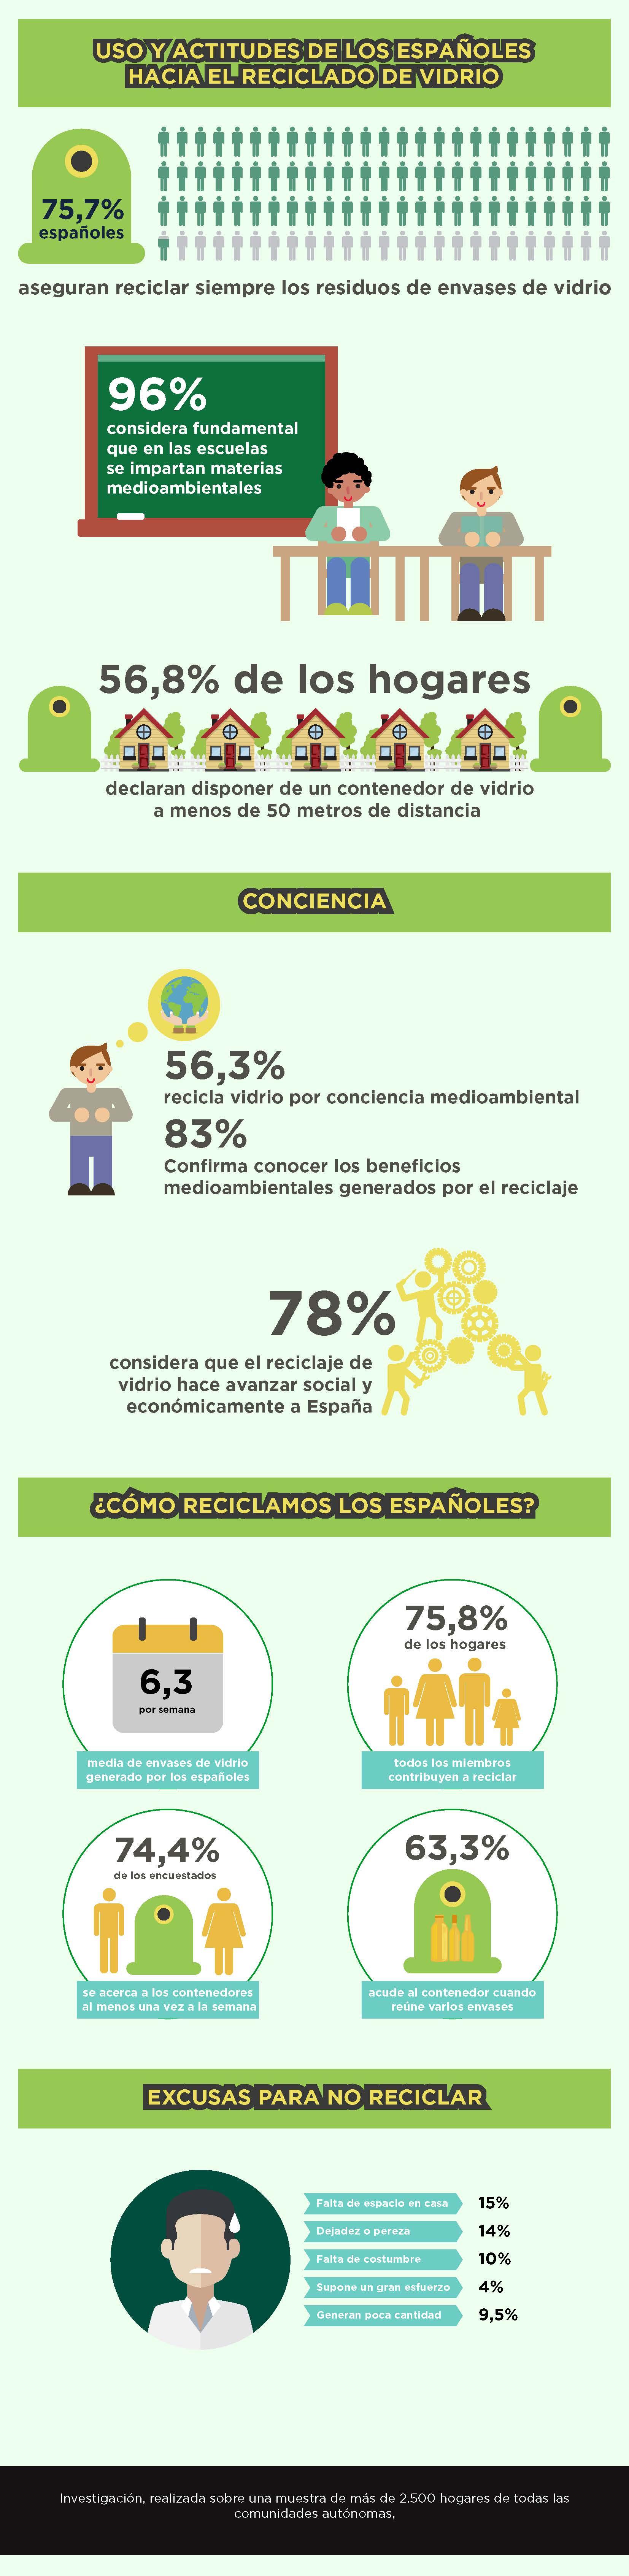 Economía circular, reciclaje, Ecovidrio